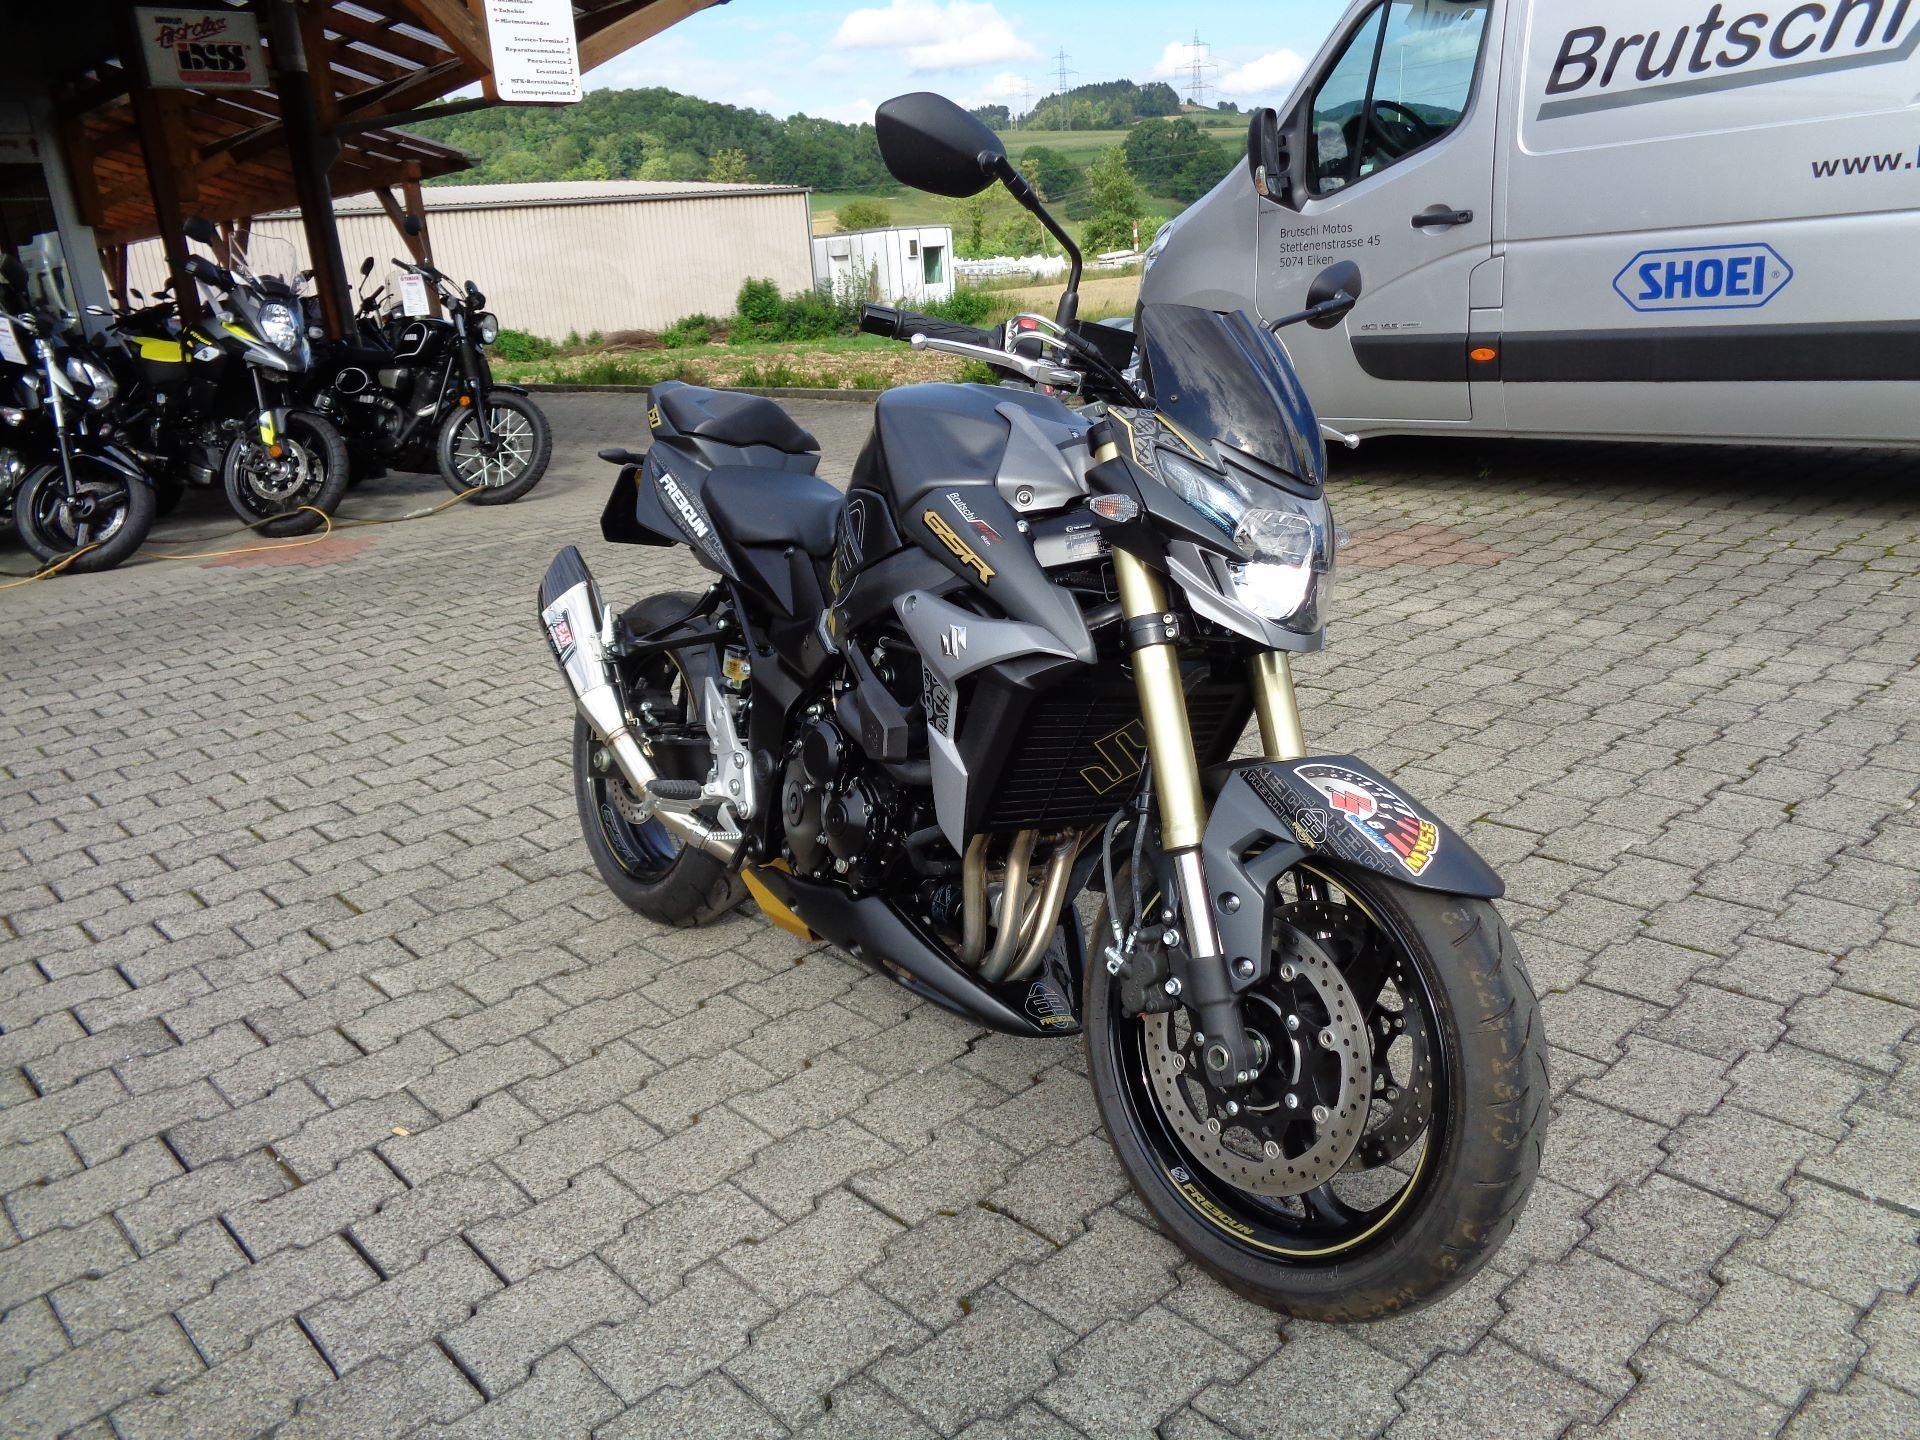 moto occasions acheter suzuki gsr 750 a brutschi motos eiken. Black Bedroom Furniture Sets. Home Design Ideas